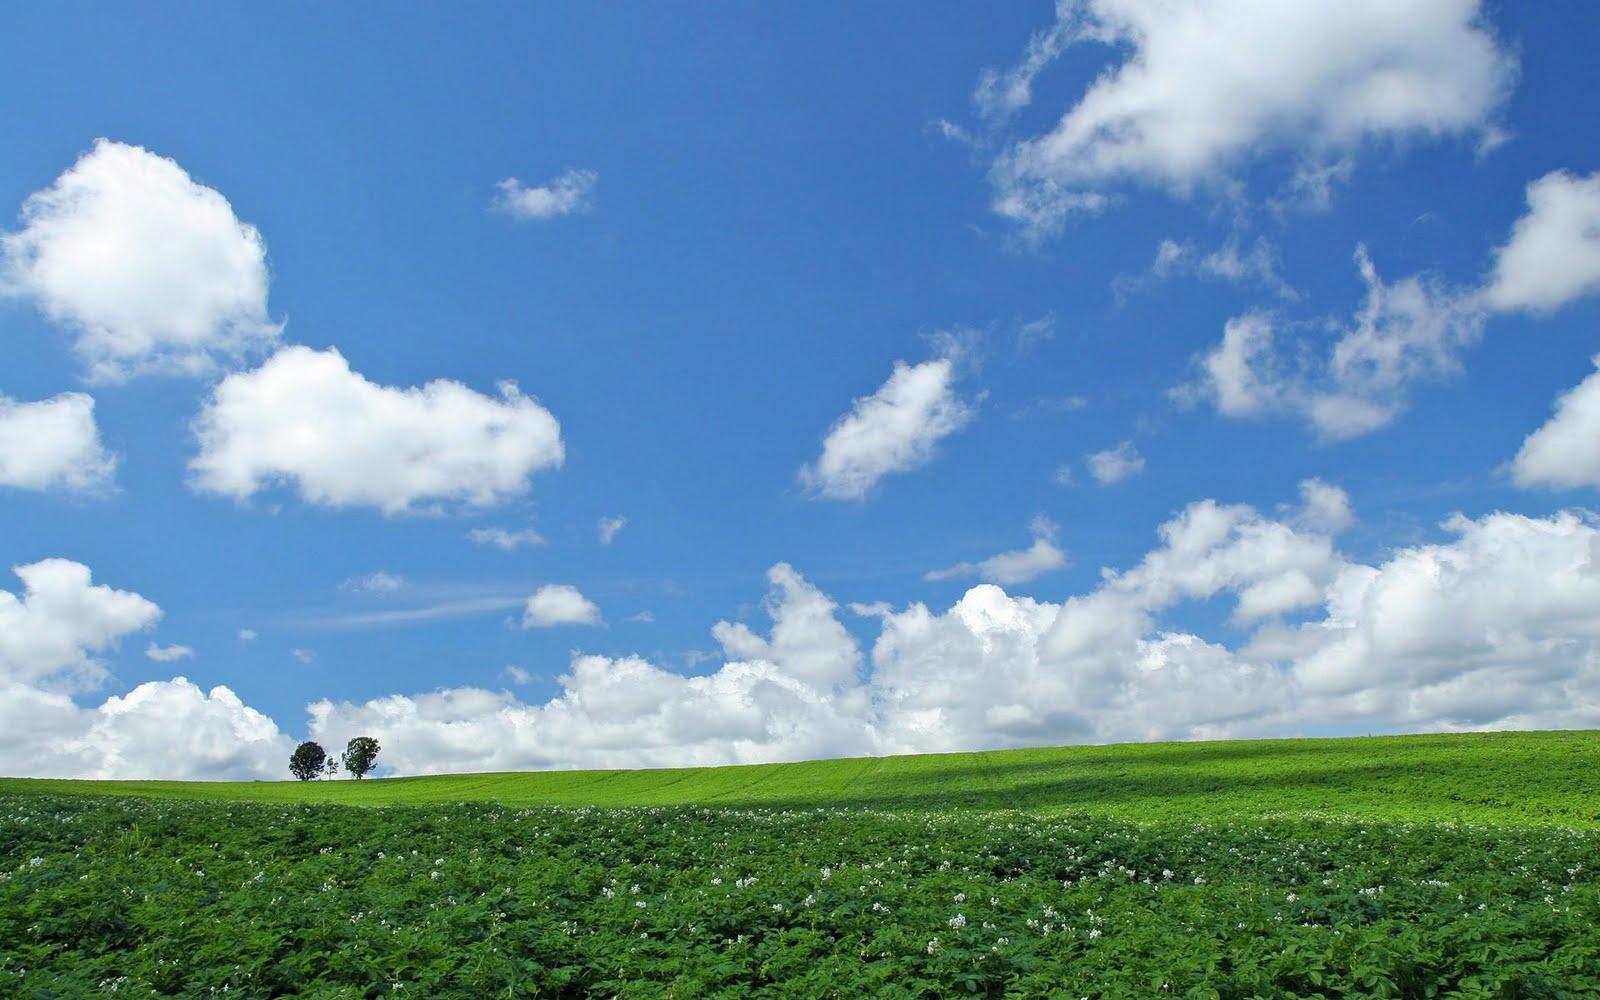 japan hokkaido landscape image - photo #8